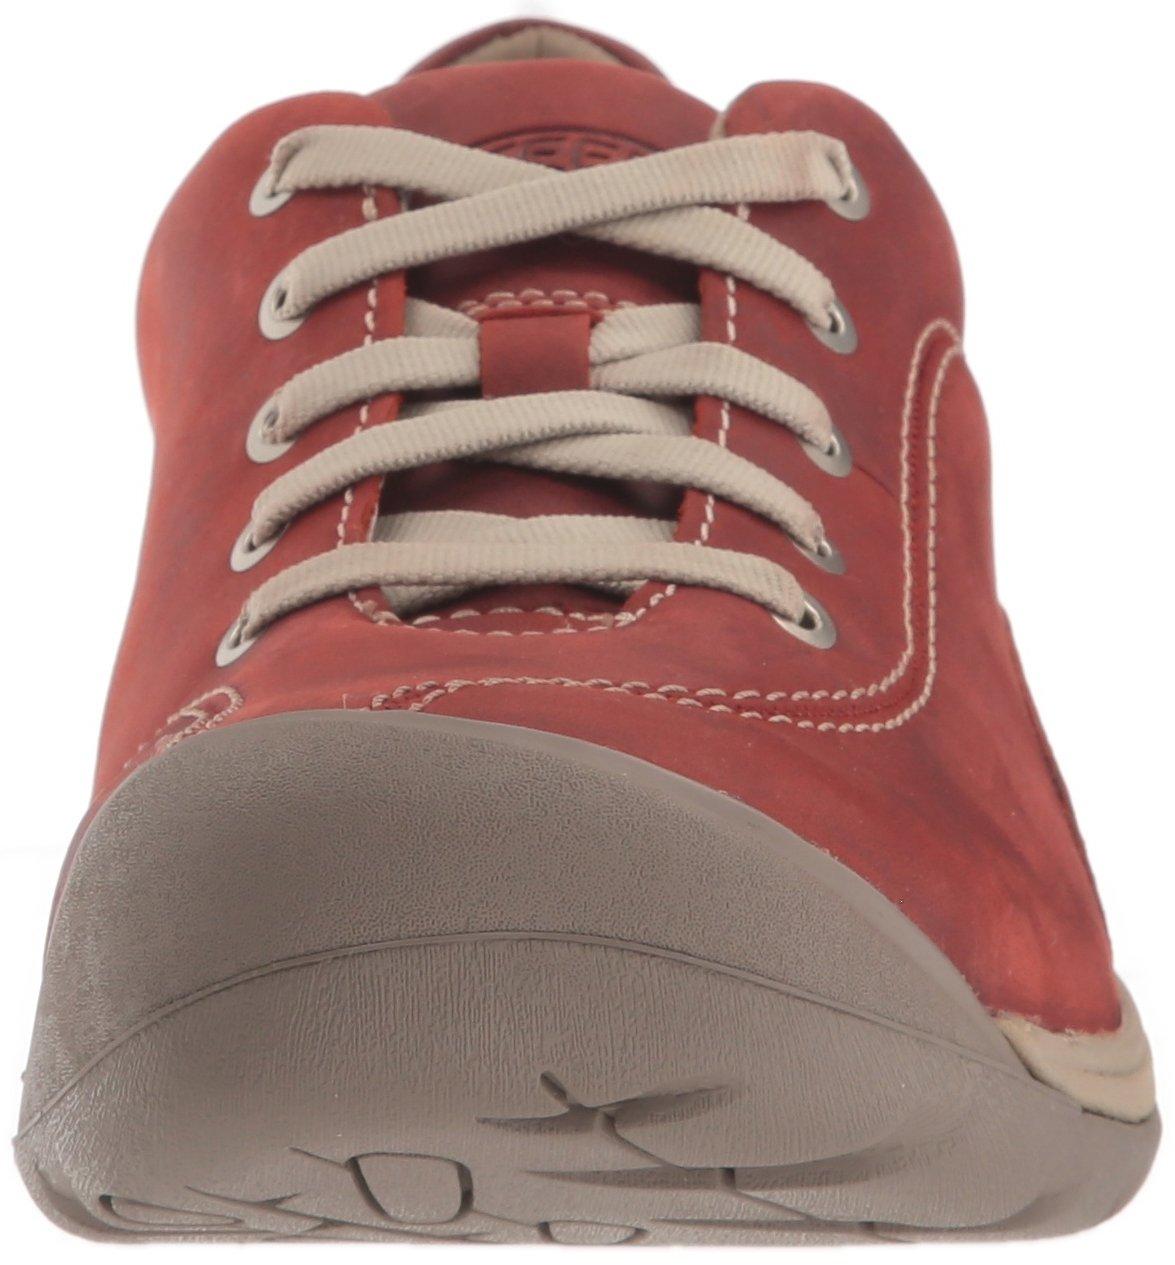 b27a8917c8 Pánská turistická Pánská obuv Presidio II-W značky II-W KEEN 17552 Cracker  Jack  Plaza Taupe 0041046 - catuma.club